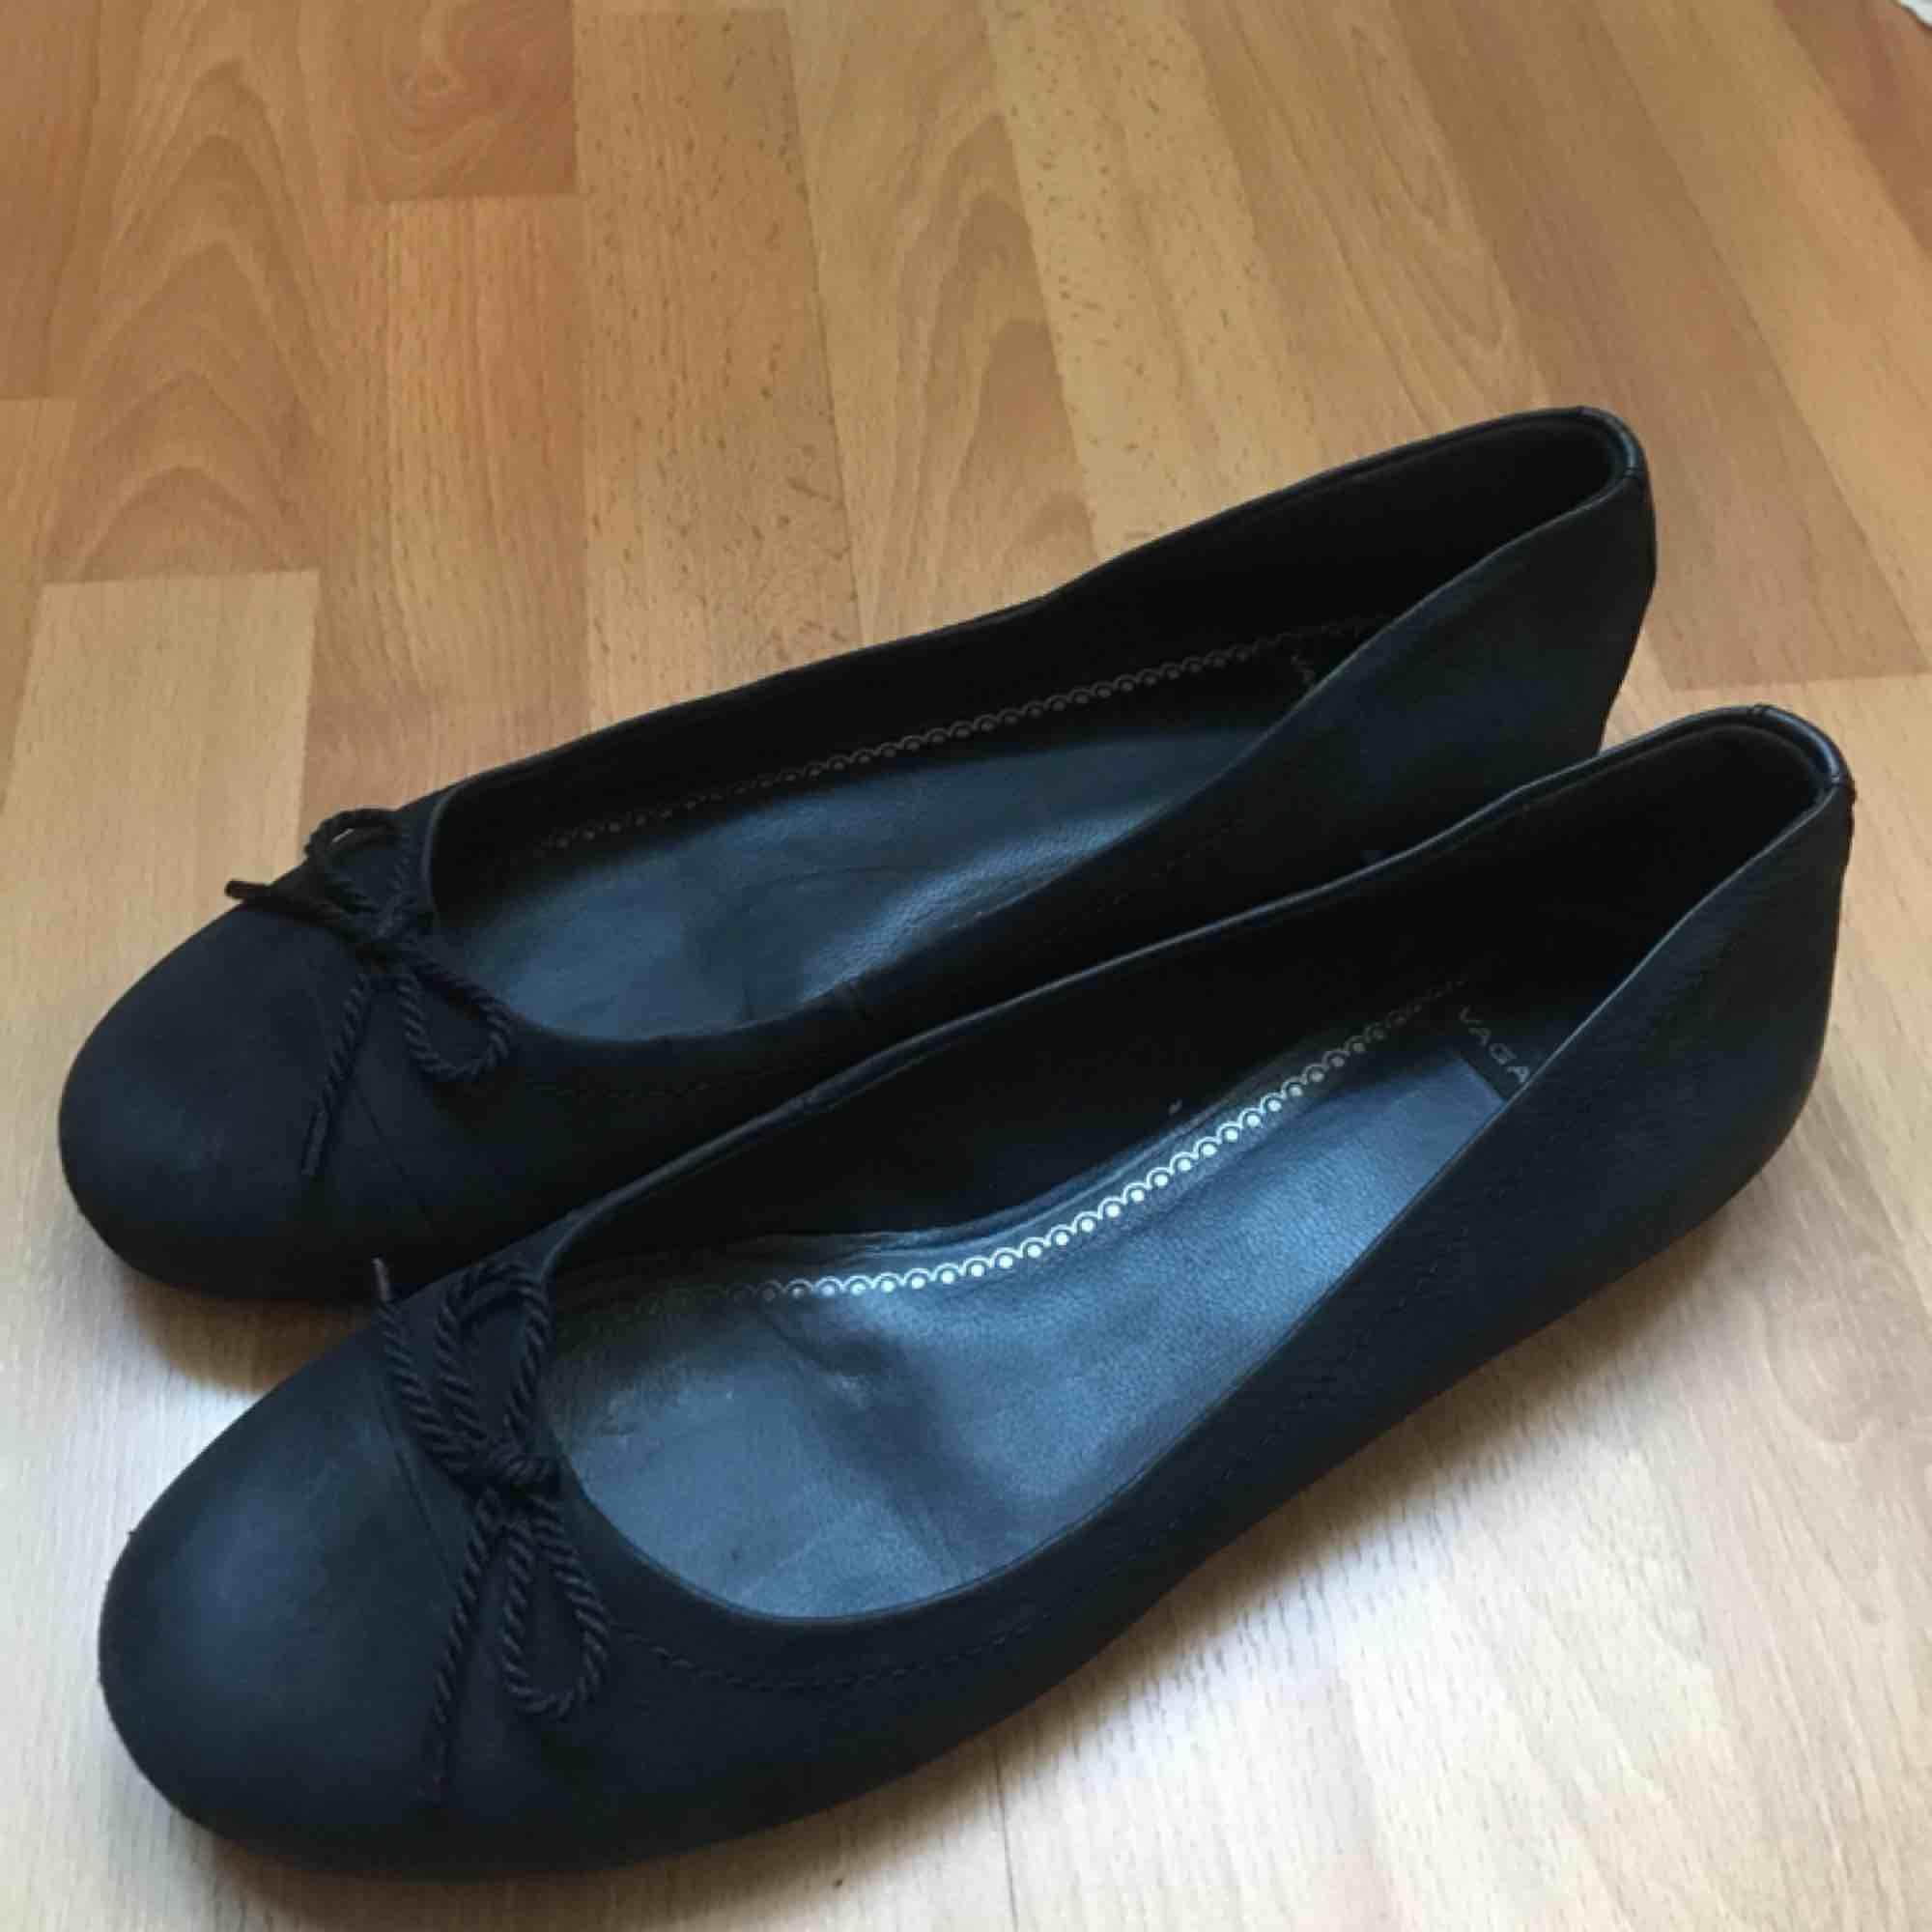 Svarta ballerina skor från vagabond, använda men u bra skick. Möts upp i Stockholm, fraktar inte🌼. Skor.